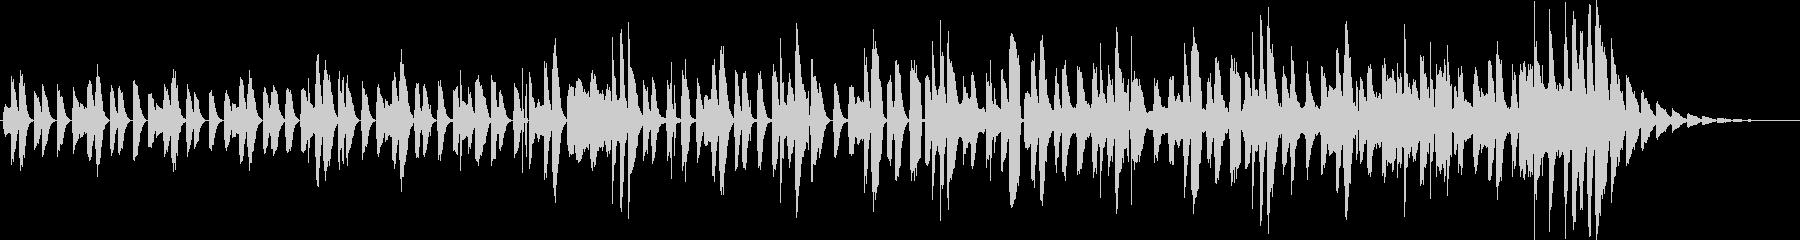 不思議で明るいピアノインスト(短縮版)の未再生の波形